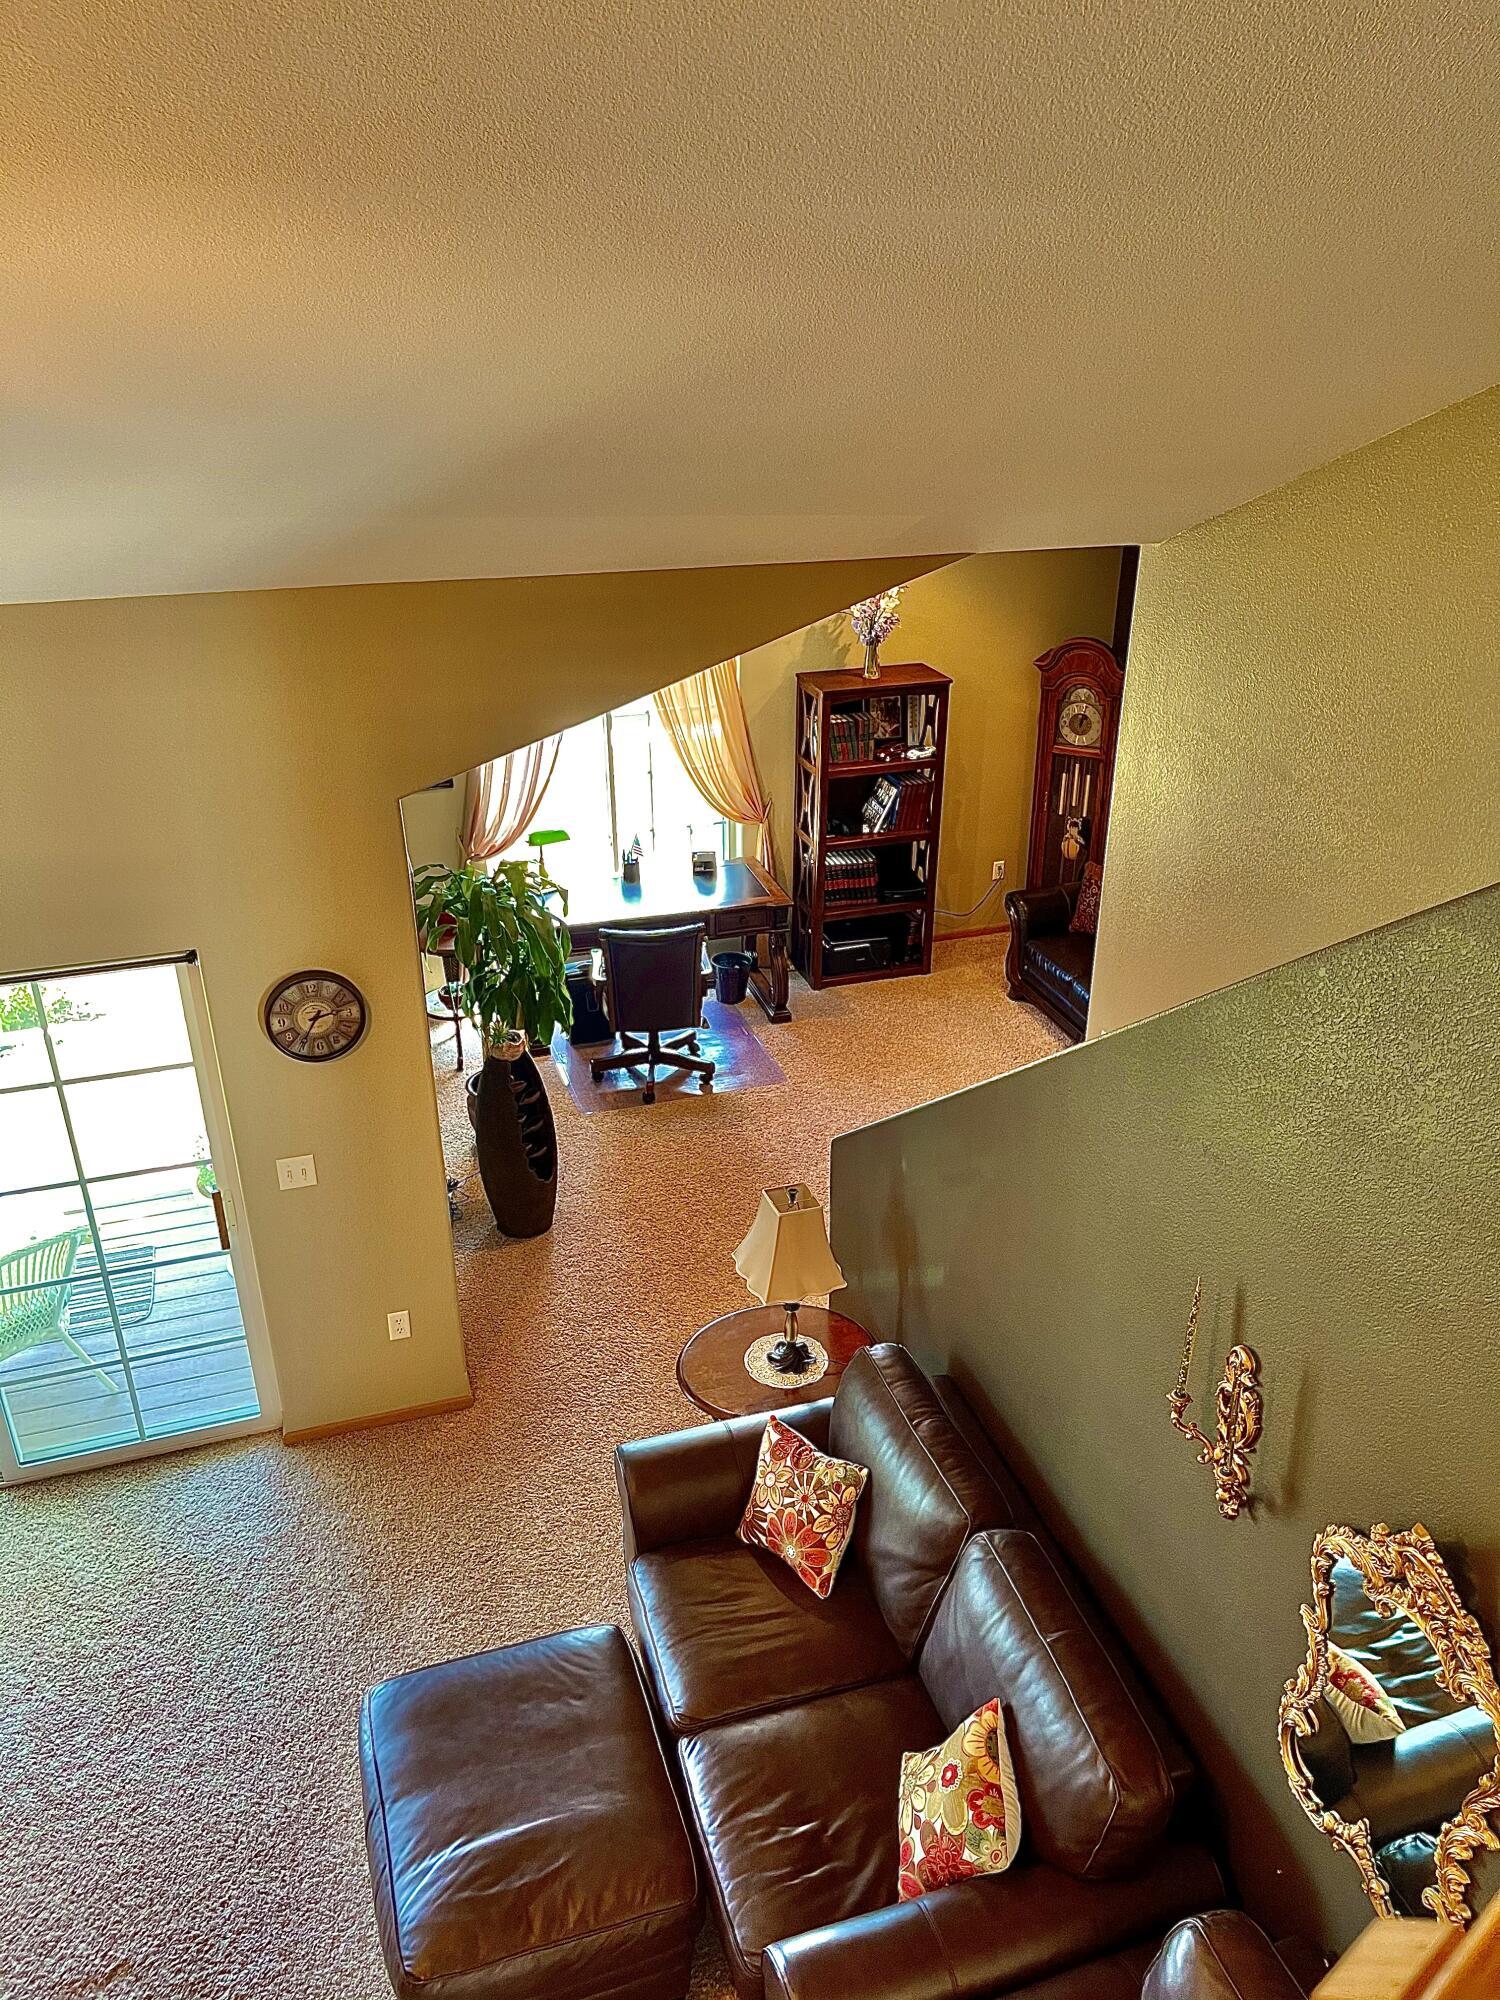 4226 Taylor Harbor W, Mount Pleasant, Wisconsin 53403, 2 Bedrooms Bedrooms, ,2 BathroomsBathrooms,Condominiums,For Sale,Taylor Harbor W,2,1746299